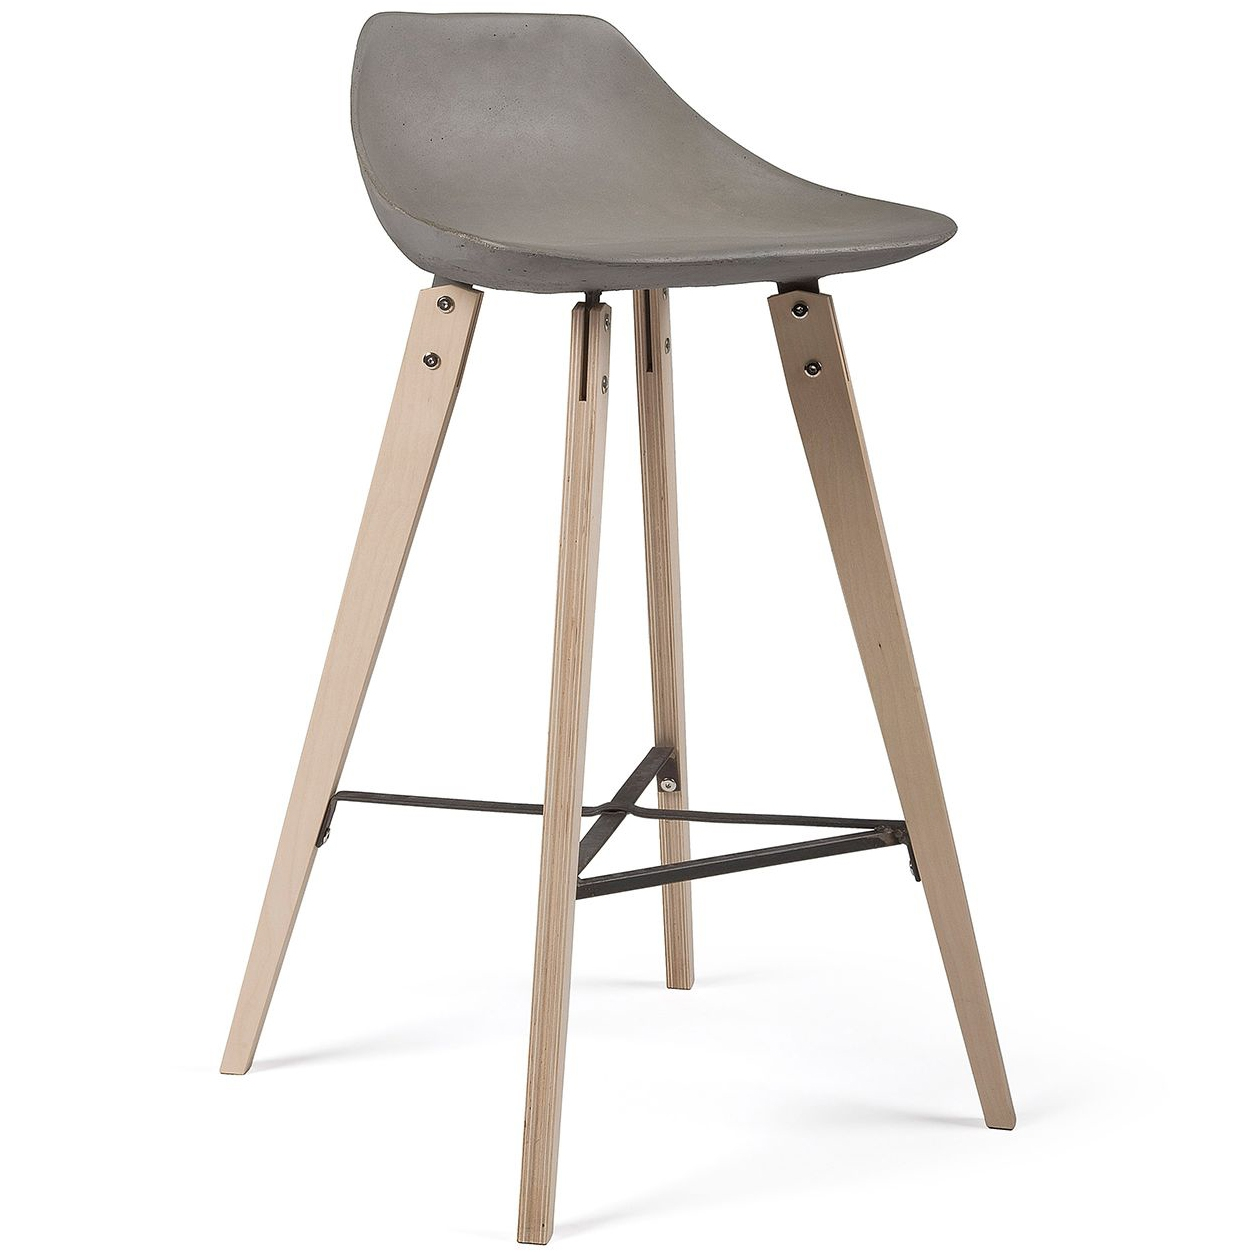 Lyon Beton designové barové židle Hauteville Plywood